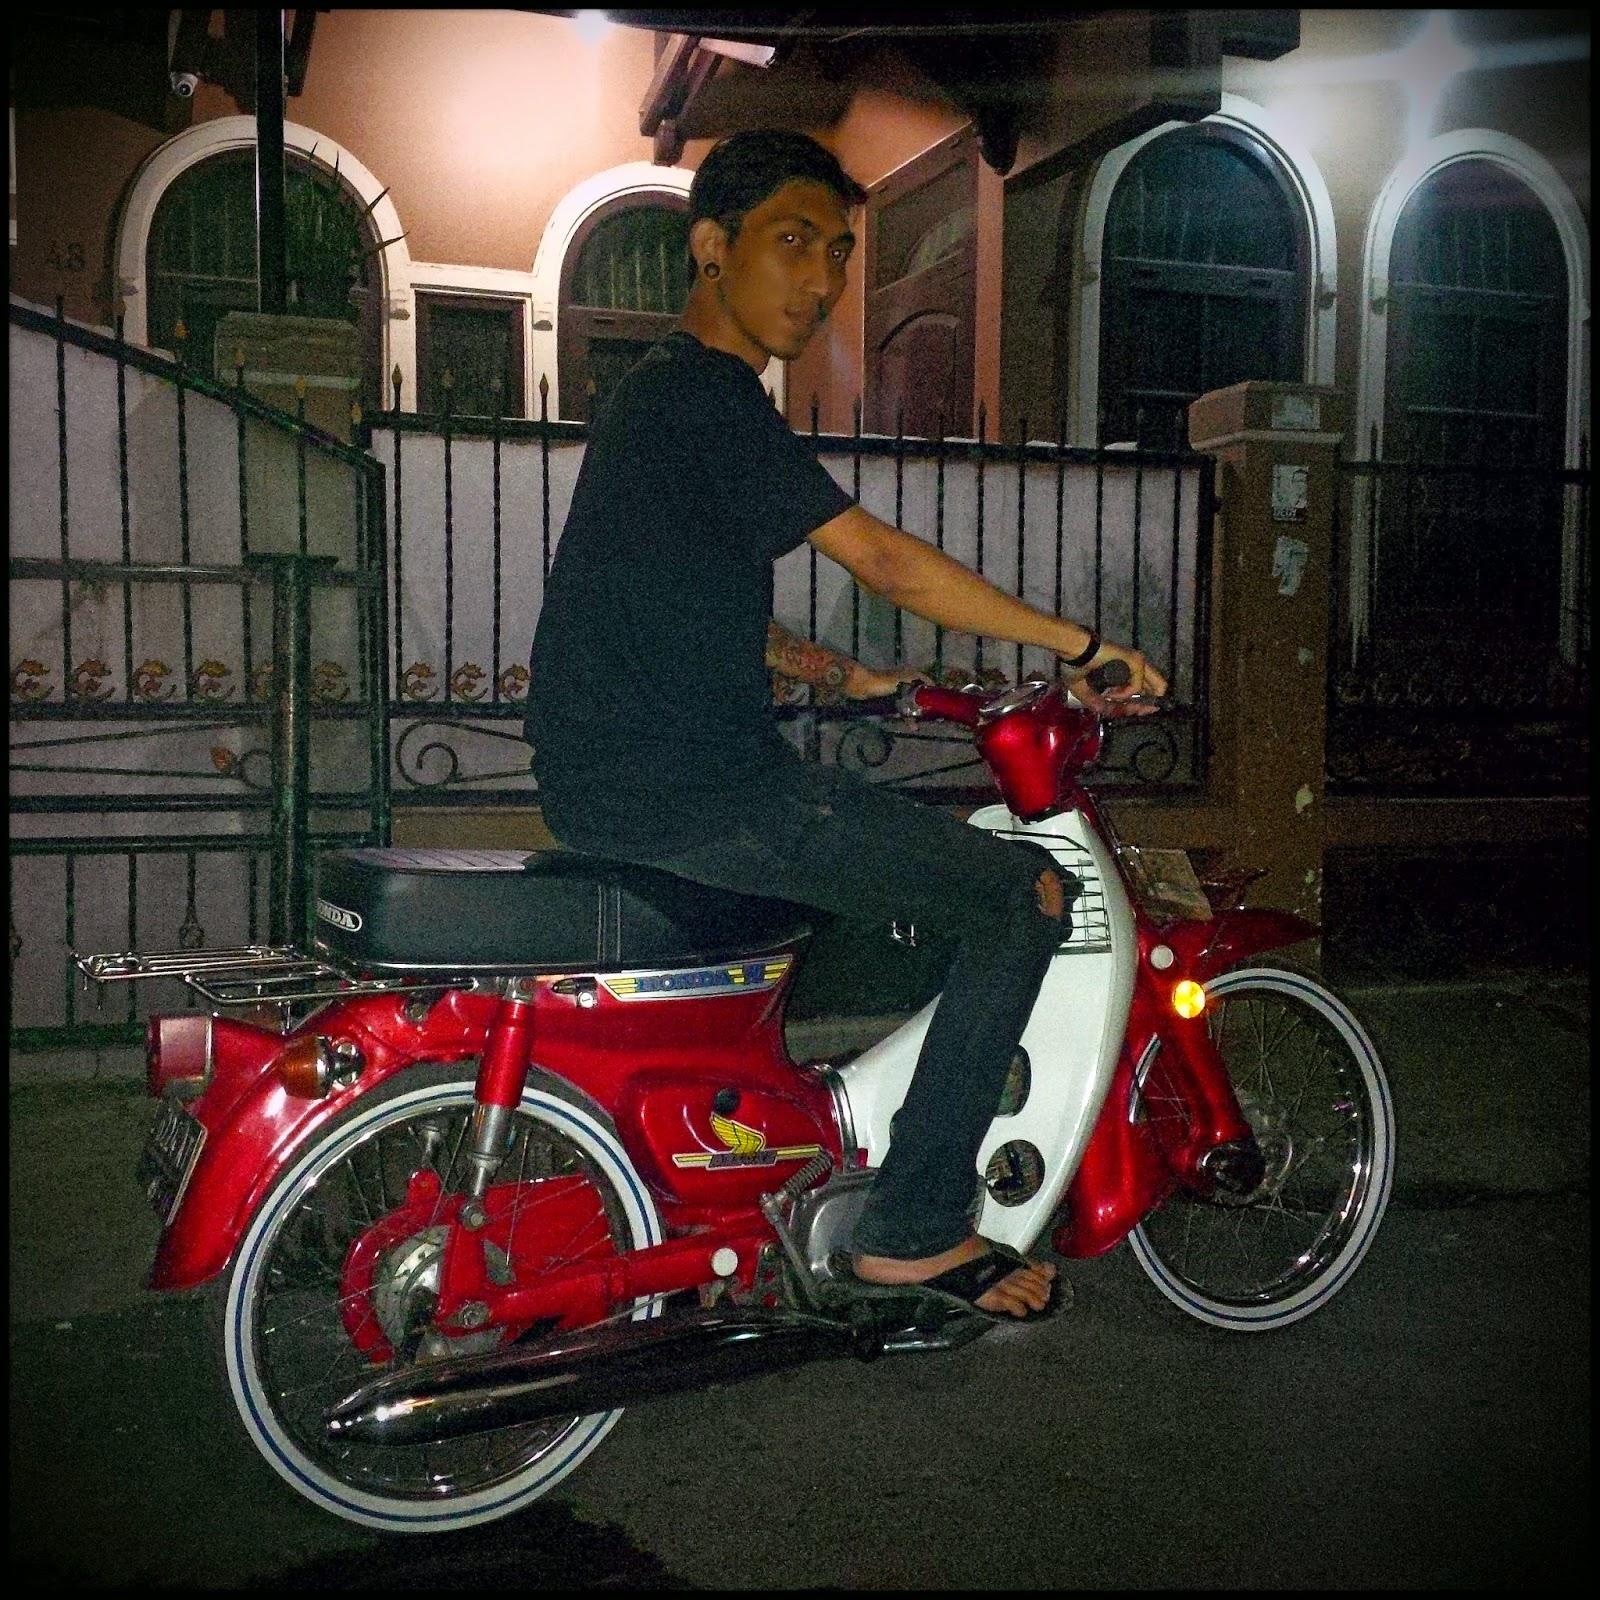 Bengkel Modifikasi Motor Honda C70 Restorisasi Orsinil Bandung